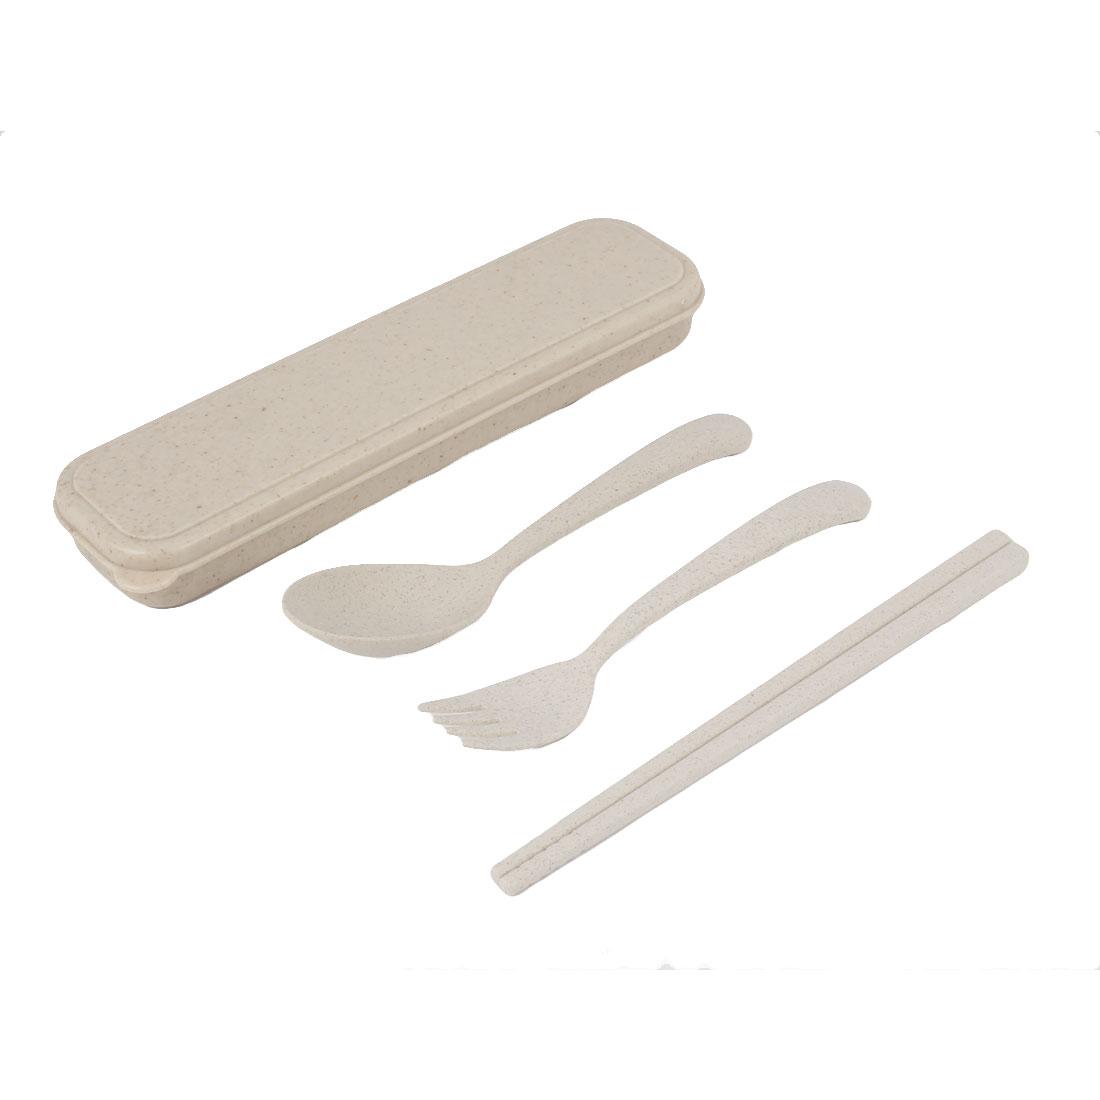 Household Travel Camping Tableware Plastic Chopsticks Spoon Fork Beige Set 3 in 1